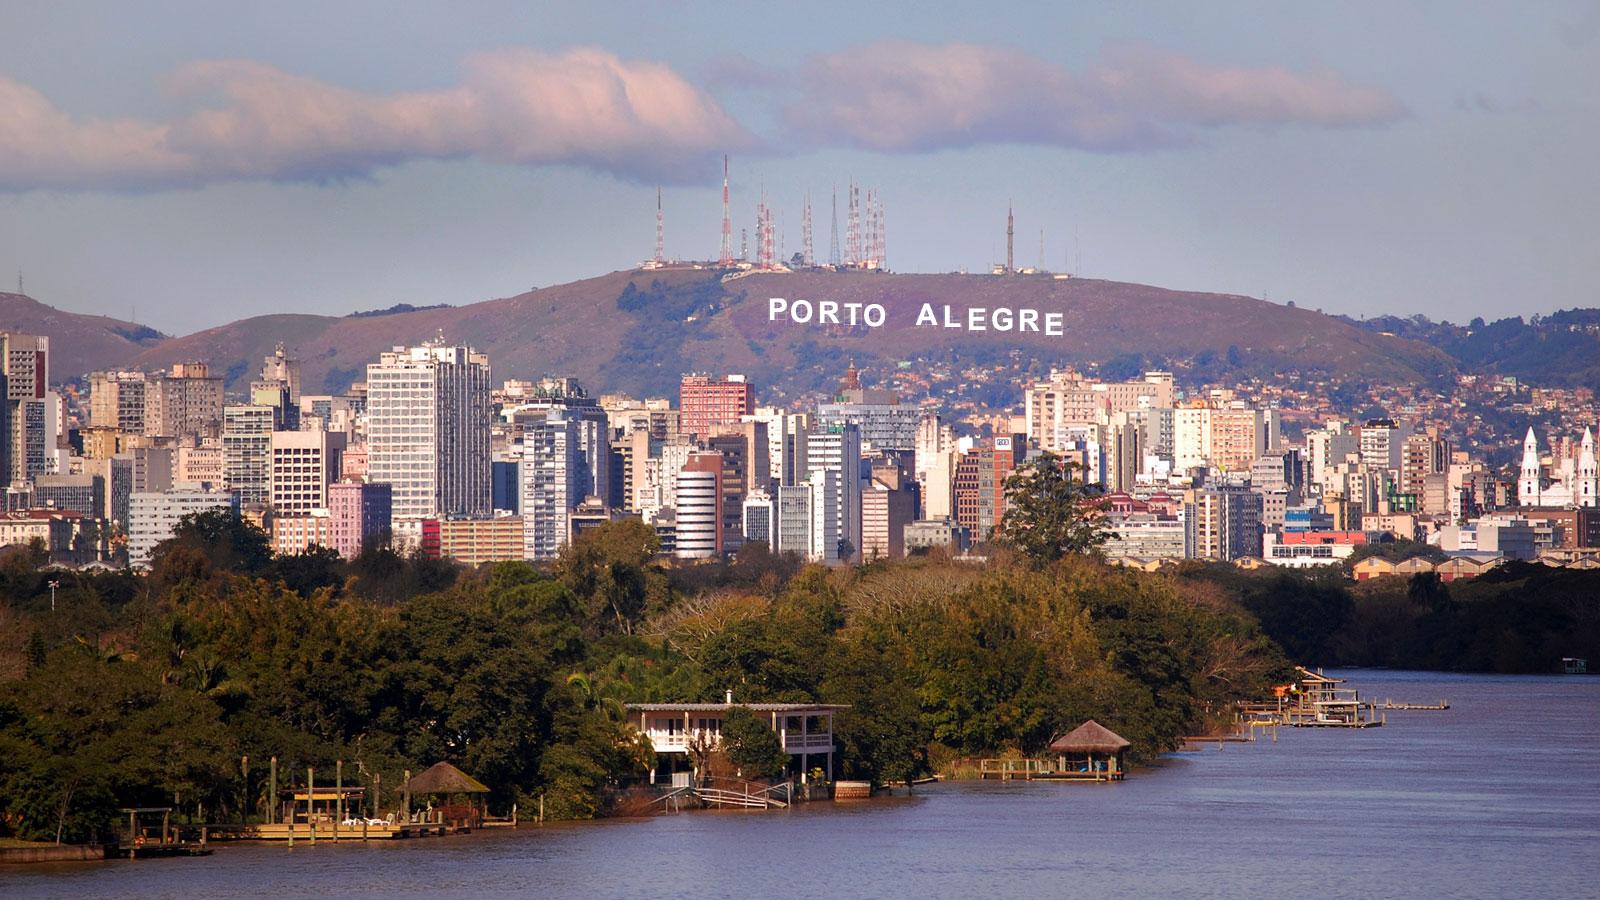 7 Lugares Imperdíveis para se Visitar em Porto Alegre